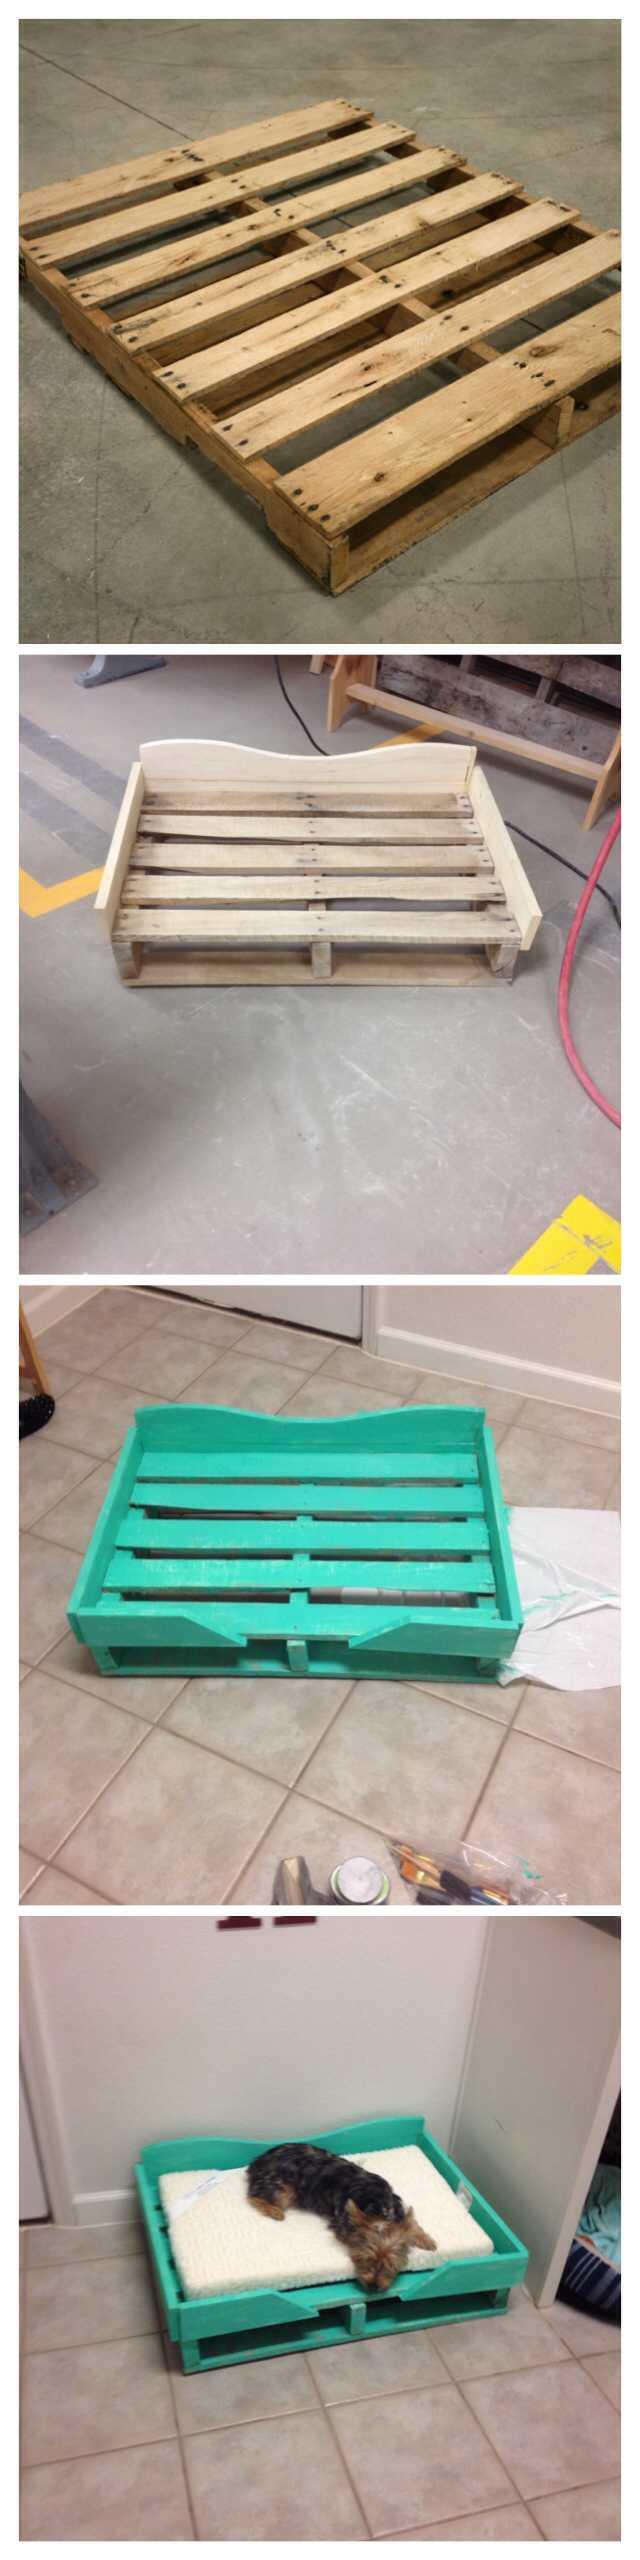 image26   Кровати для домашних животных из подручных материалов